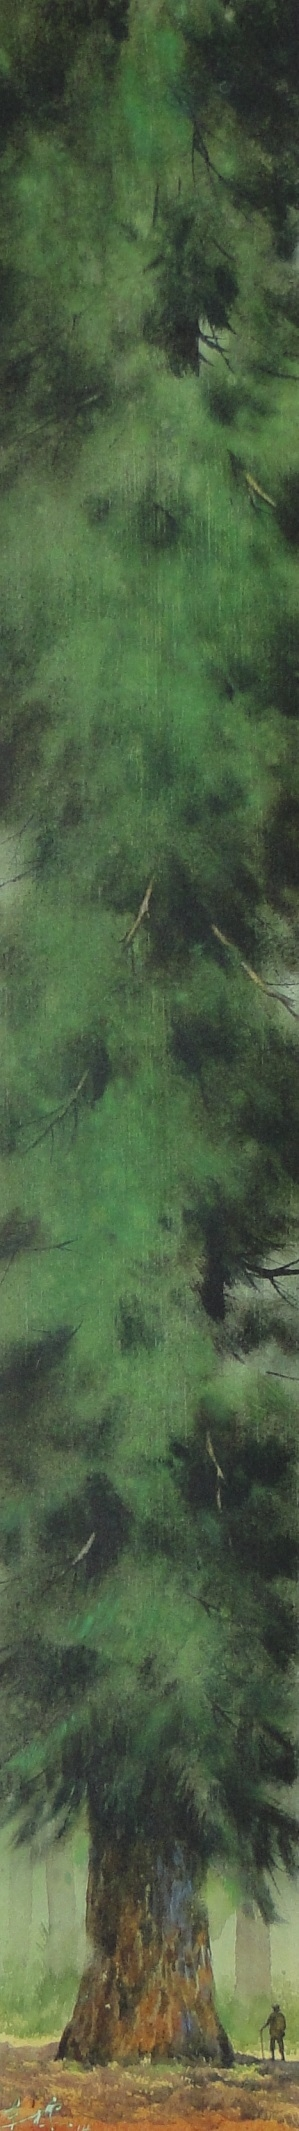 洪東標,《這一棵大樹》,77x11cm,2014,(中華亞太水彩藝術協會提供)